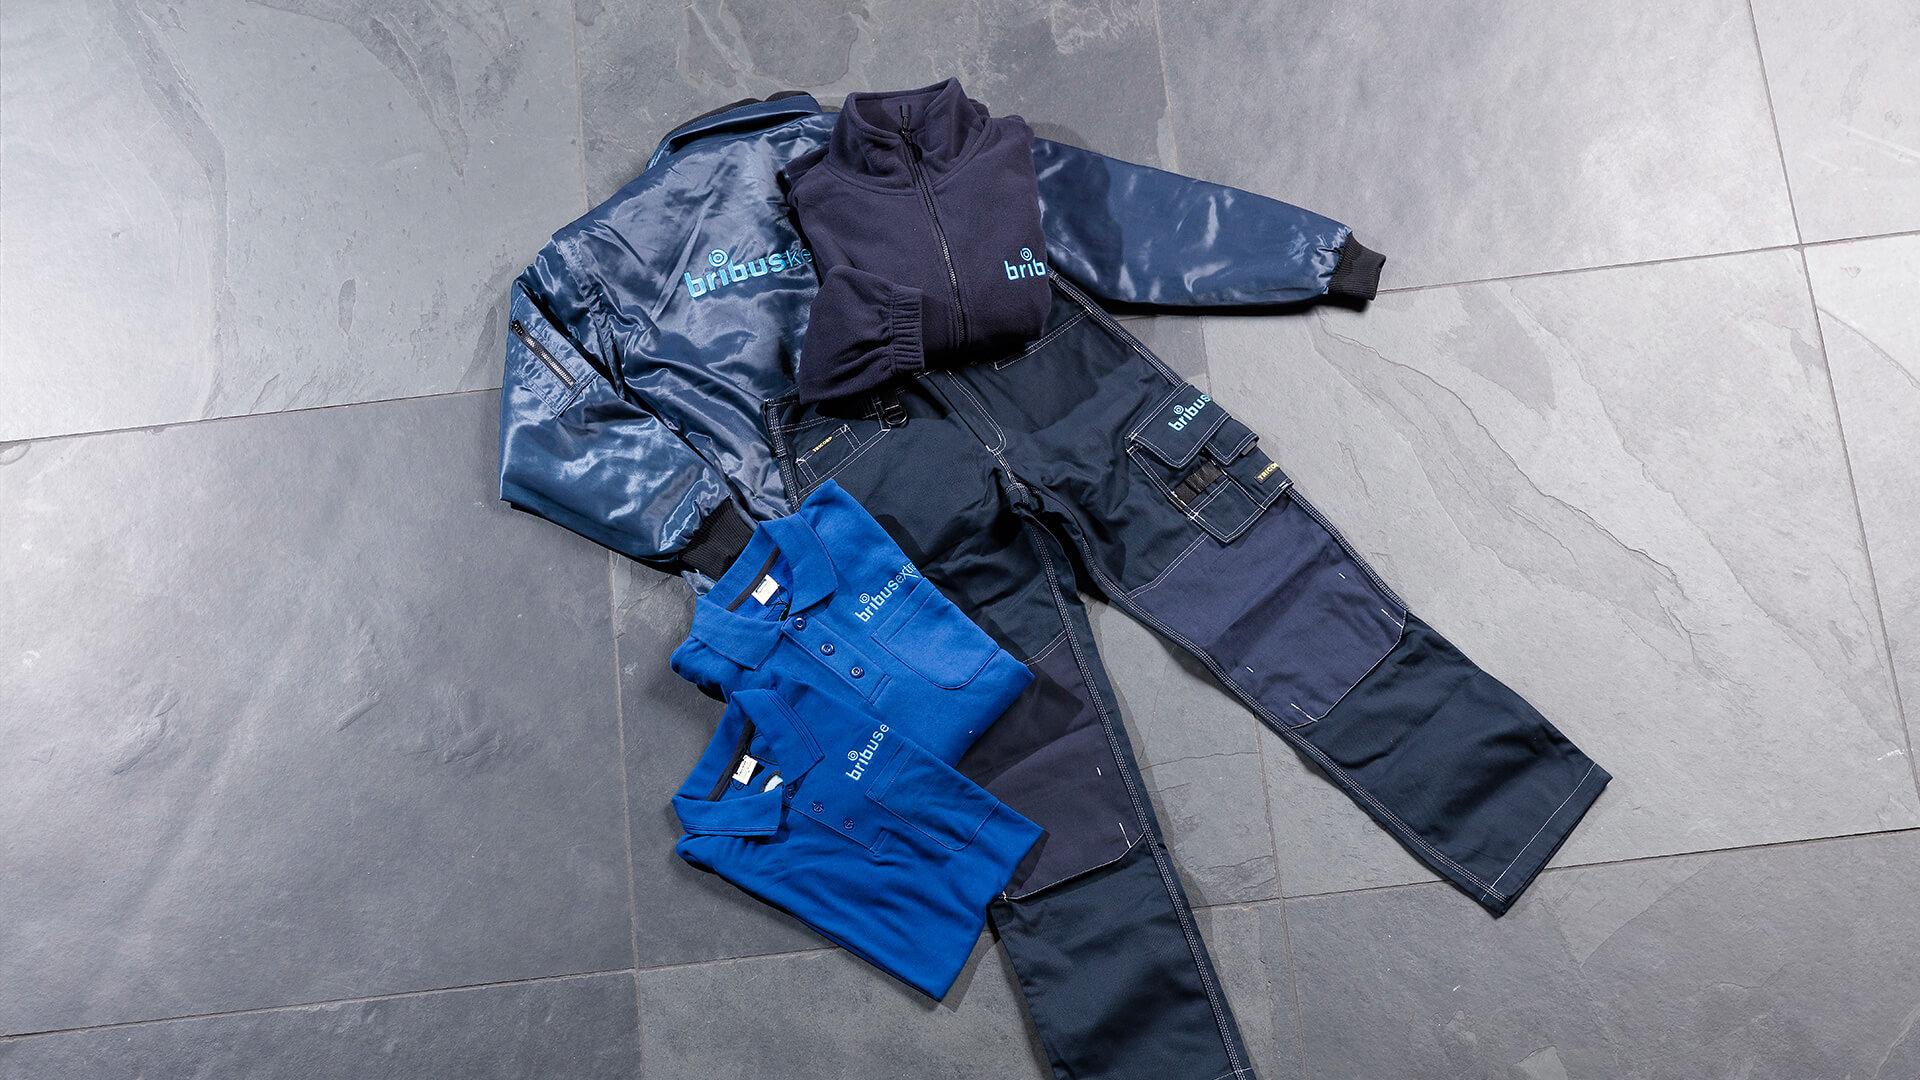 Bribus - Bedrijfskleding en persoonlijke beschermingsmiddelen